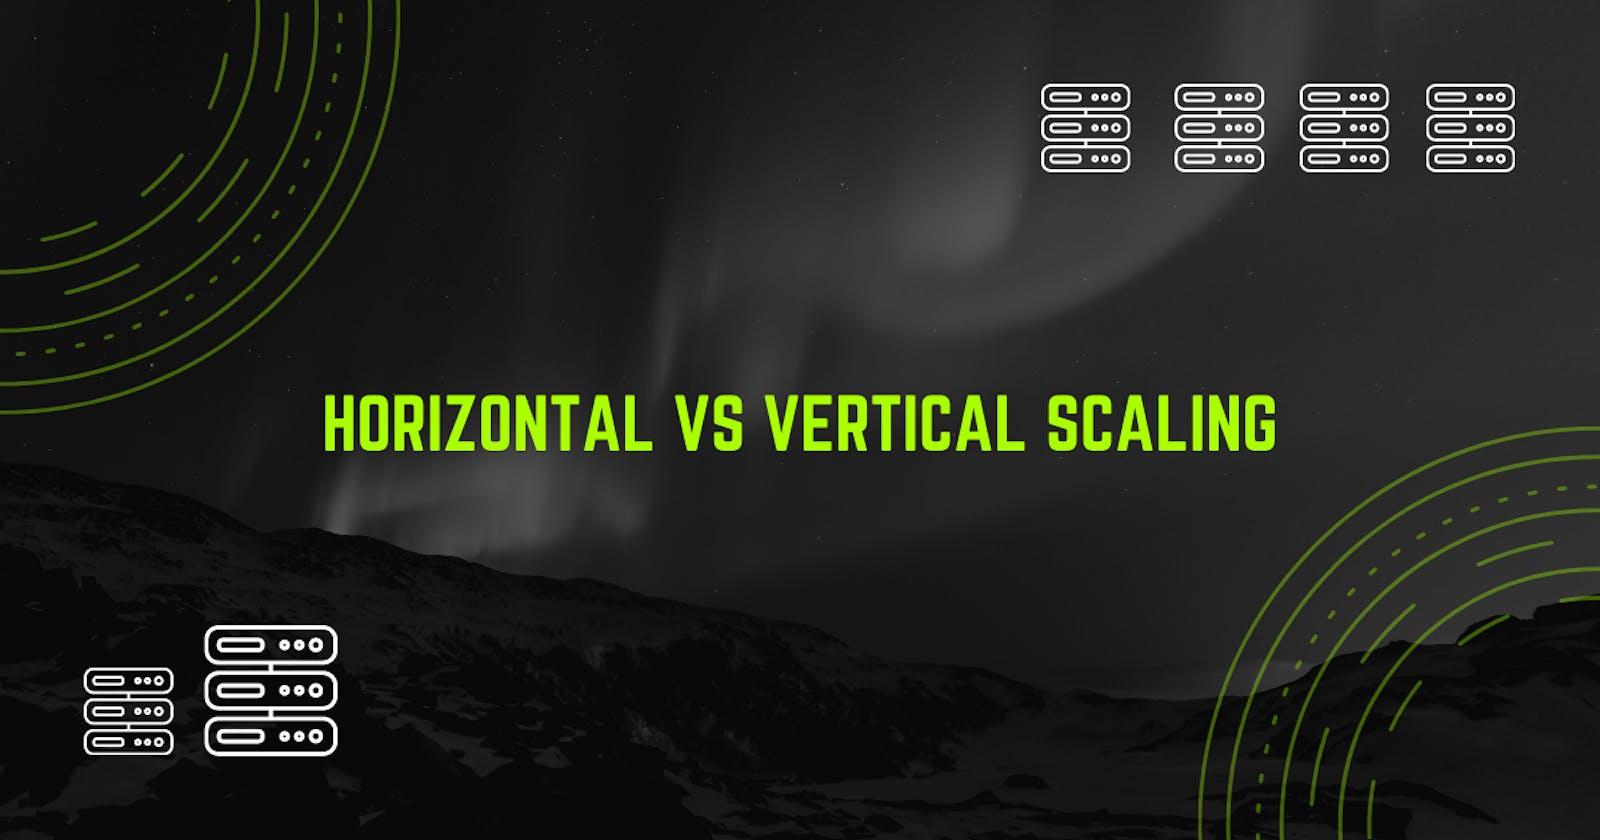 Horizontal vs Vertical Scaling